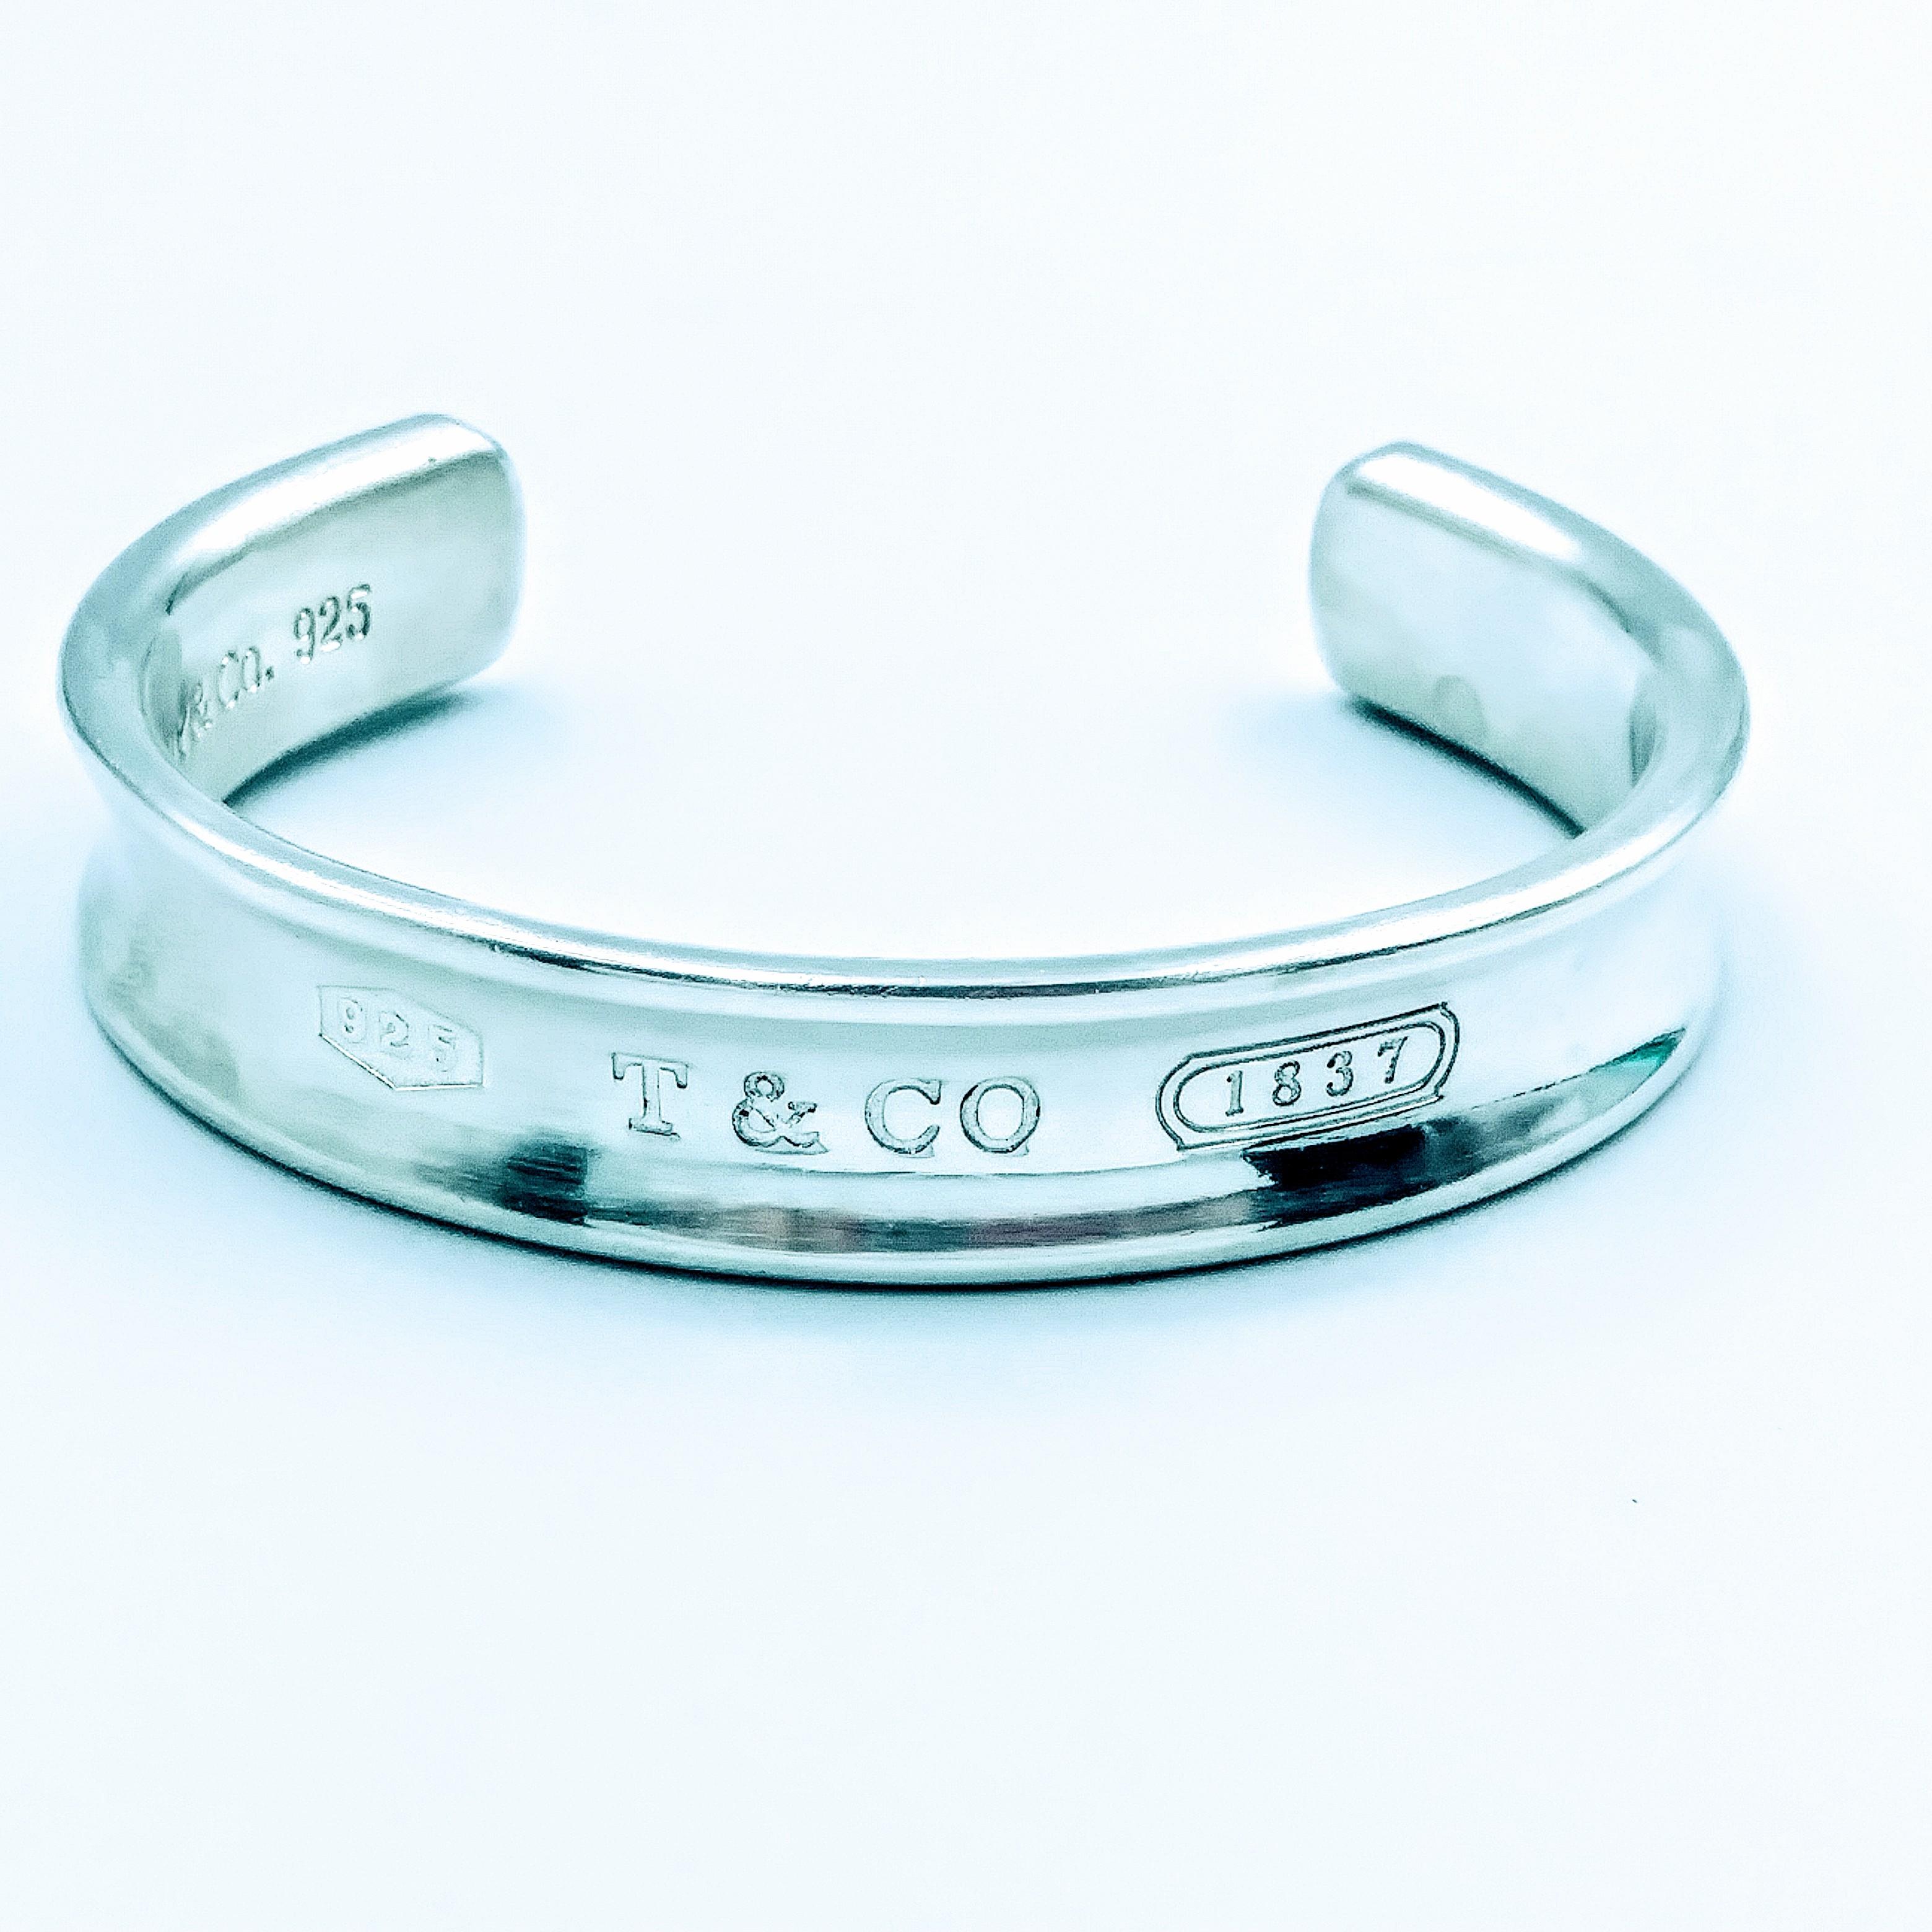 <b>Tiffany & Co.</b> 925 Sterling Silver Tiffany & Co 1837 Cuff Bracelet 7